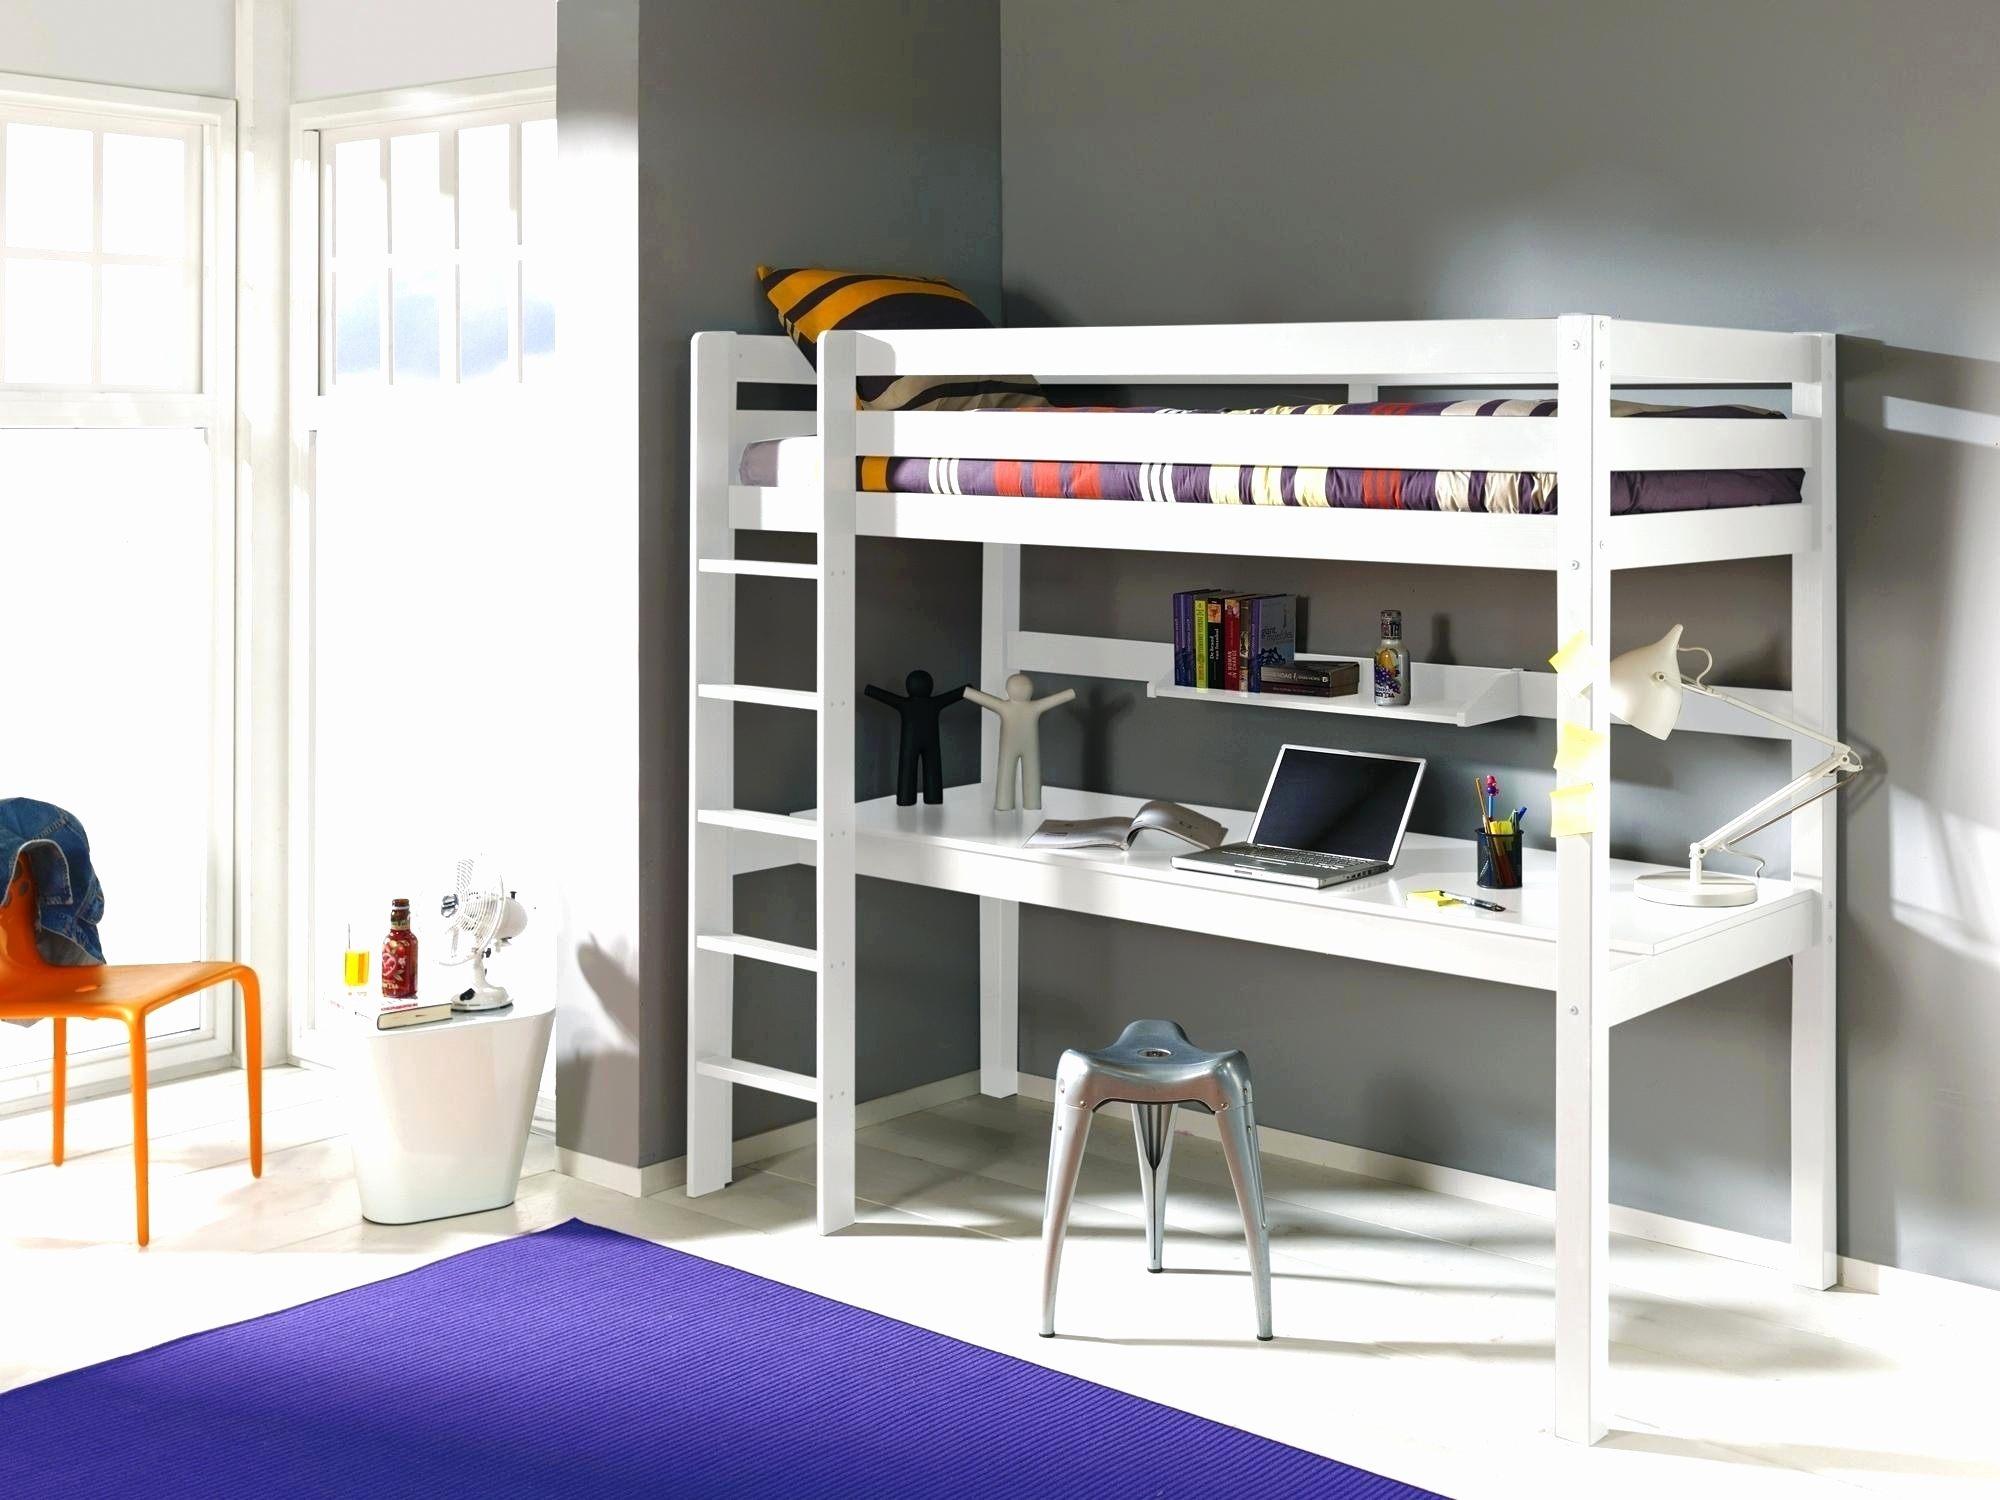 Chambre Avec Lit Mezzanine Charmant Lit Mezzanine Haut Chambre Mezzanine Adulte Beau Mezzanine Salon 0d